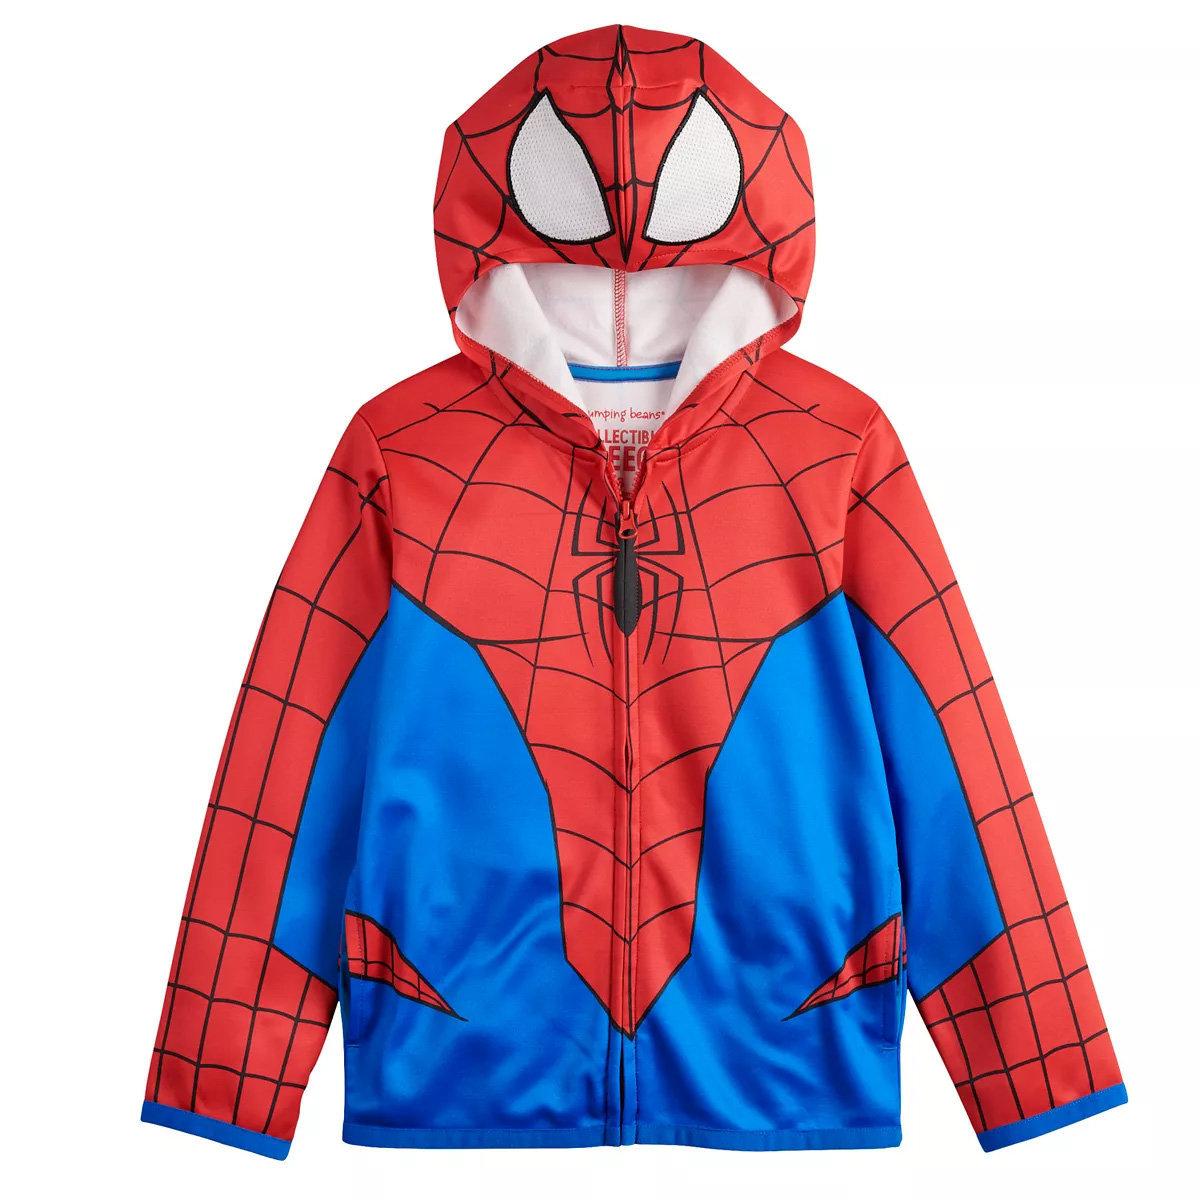 Spiderman Costume Hoodie (6-7yr) (parallel)